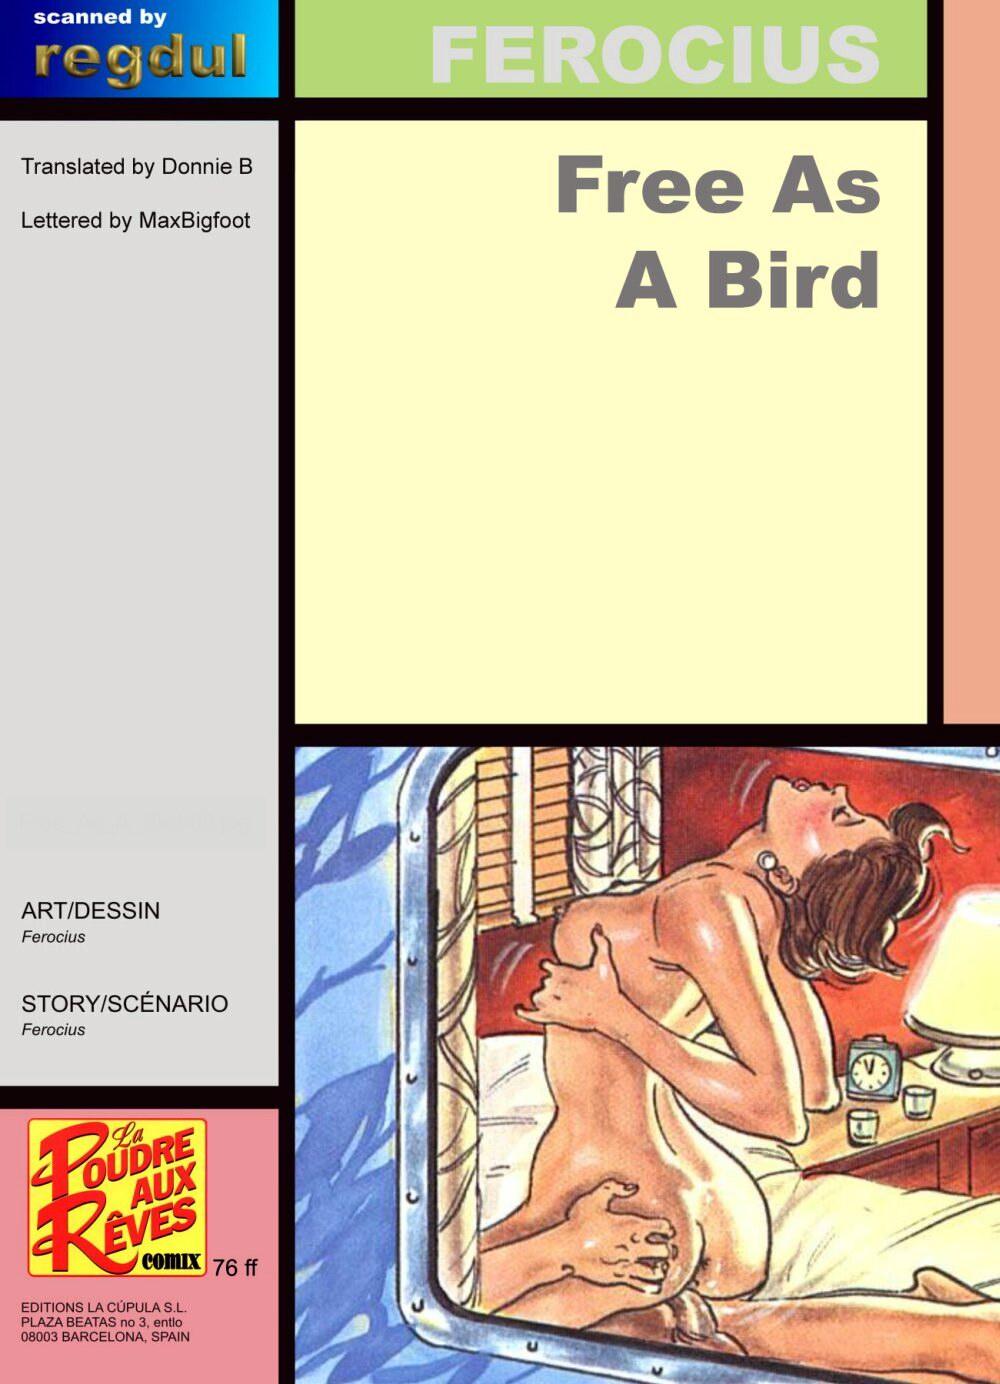 Free As A Bird- Ferocius image 1